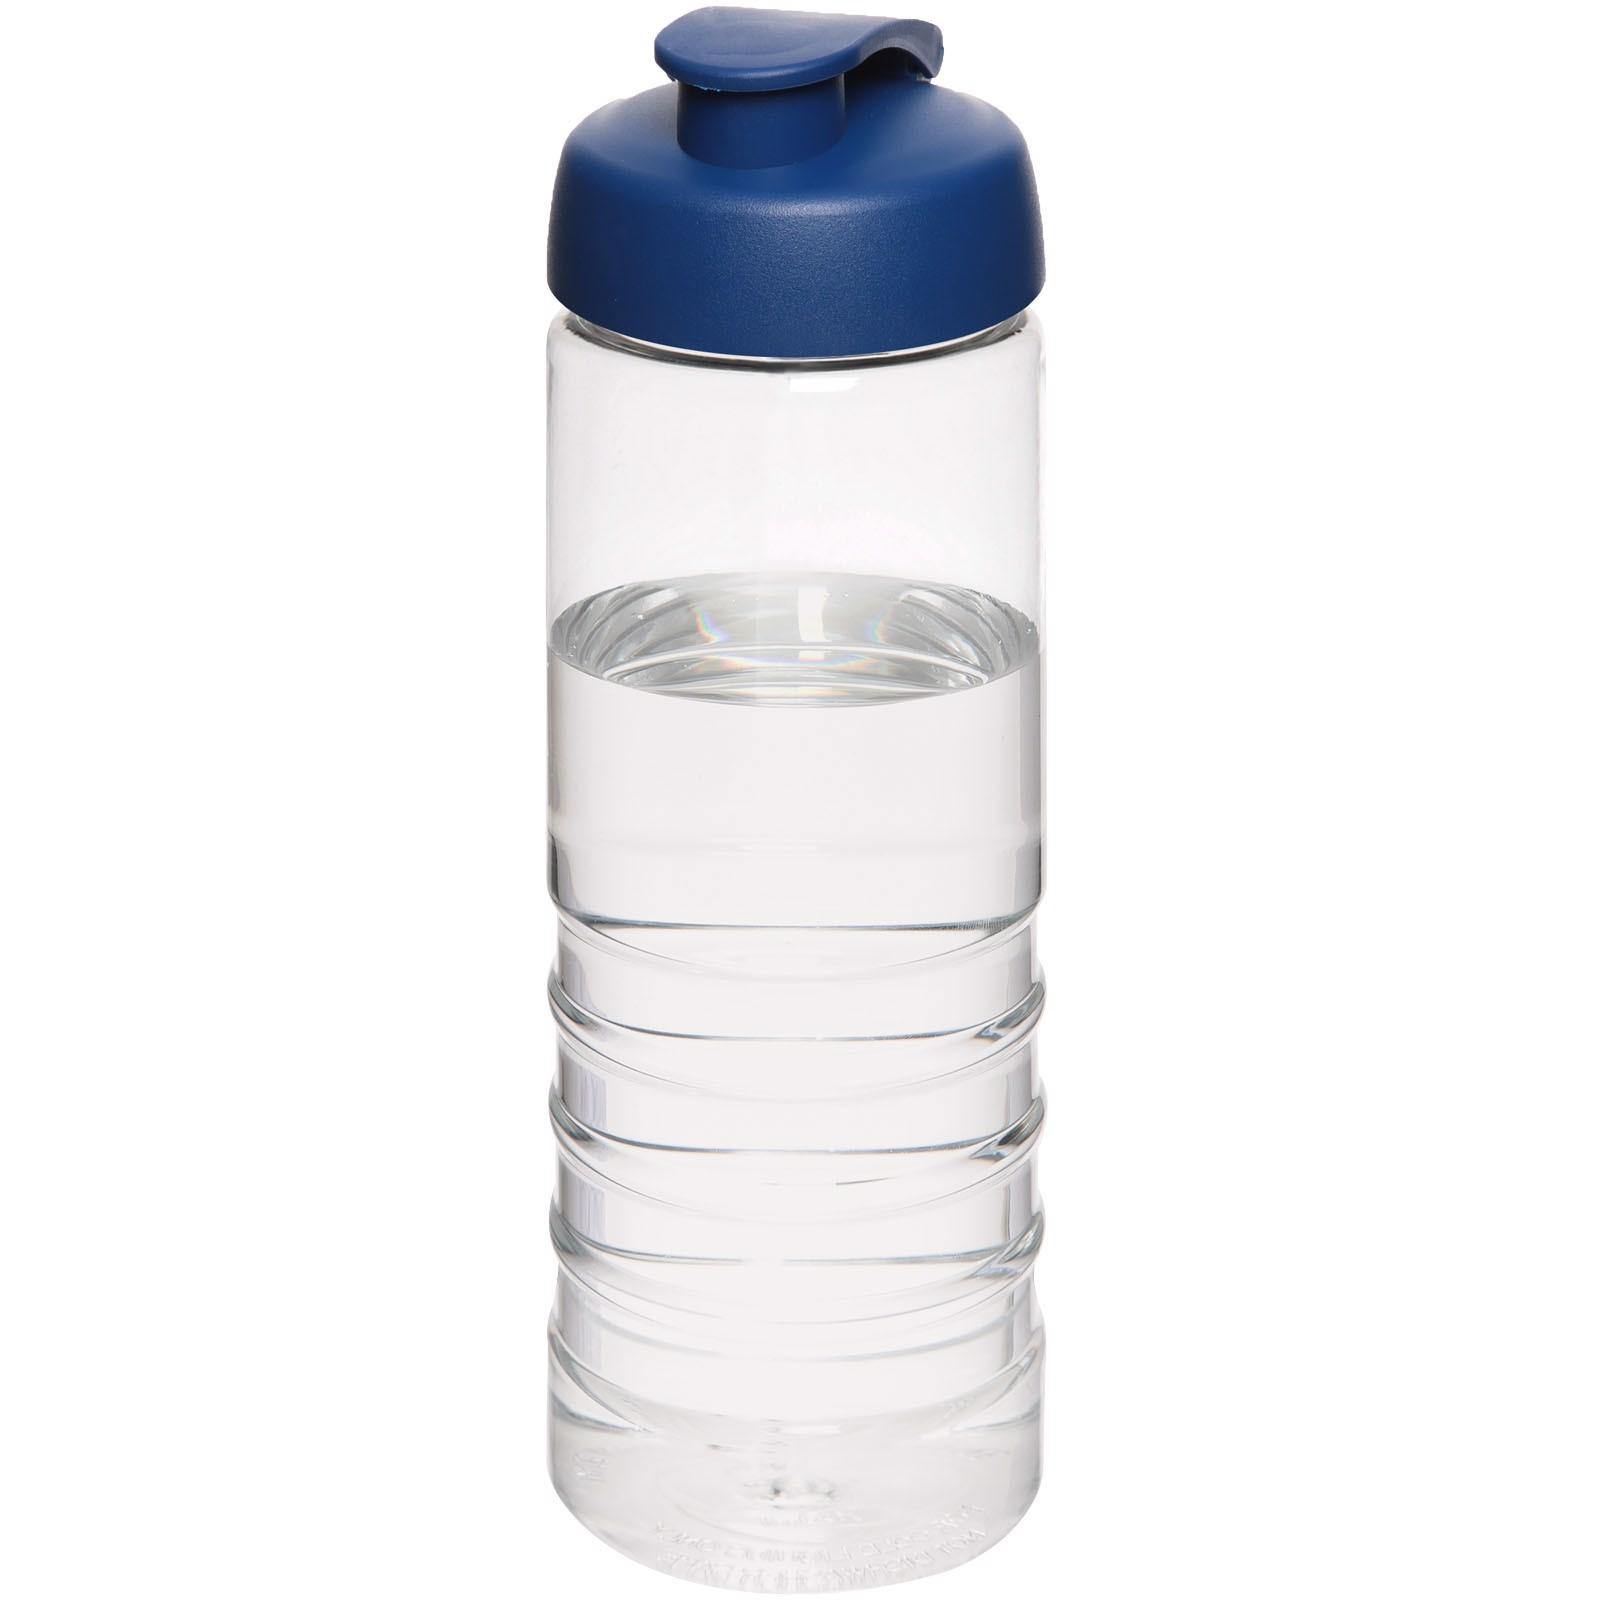 H2O Treble 750 ml sportovní lahev s vyklápěcím víčkem - Průhledná / Modrá